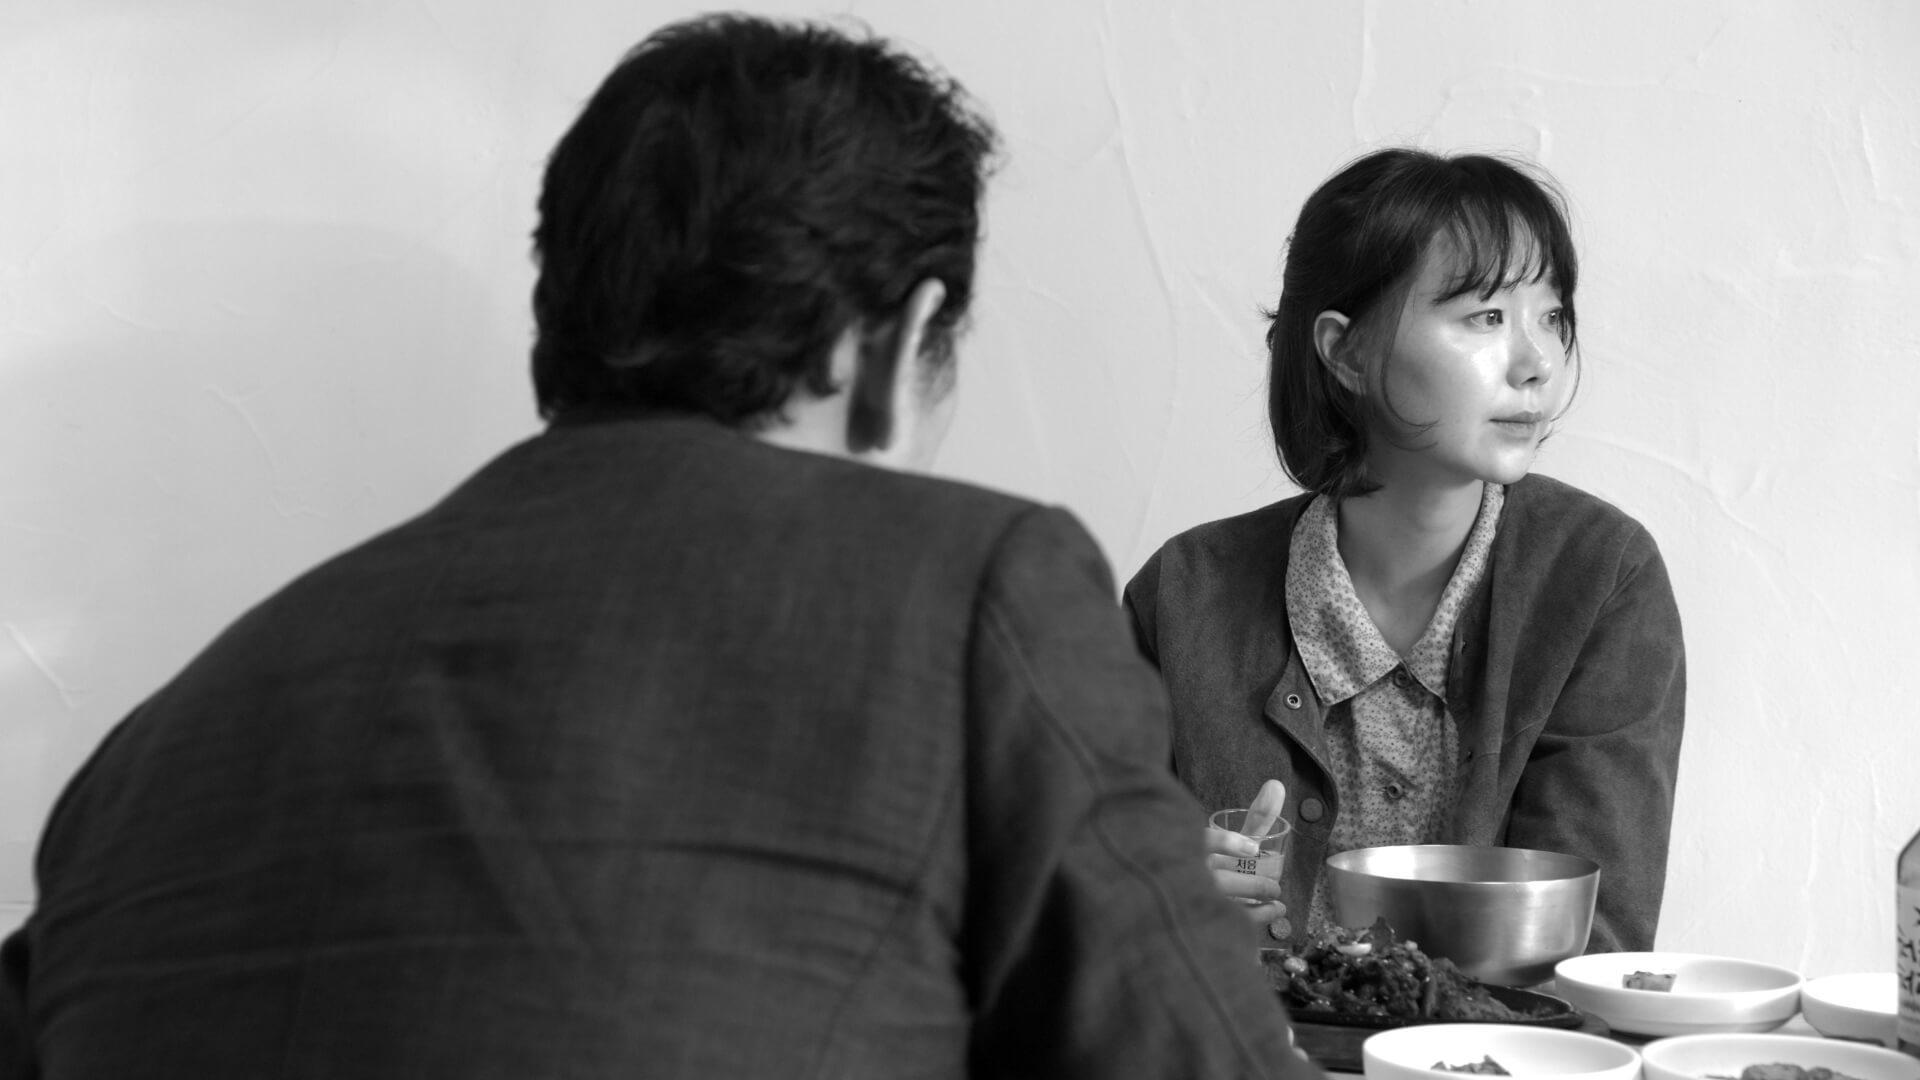 电影《草叶咖啡馆》通过细腻动作和淡淡语言来深刻表现人物情绪 (2)